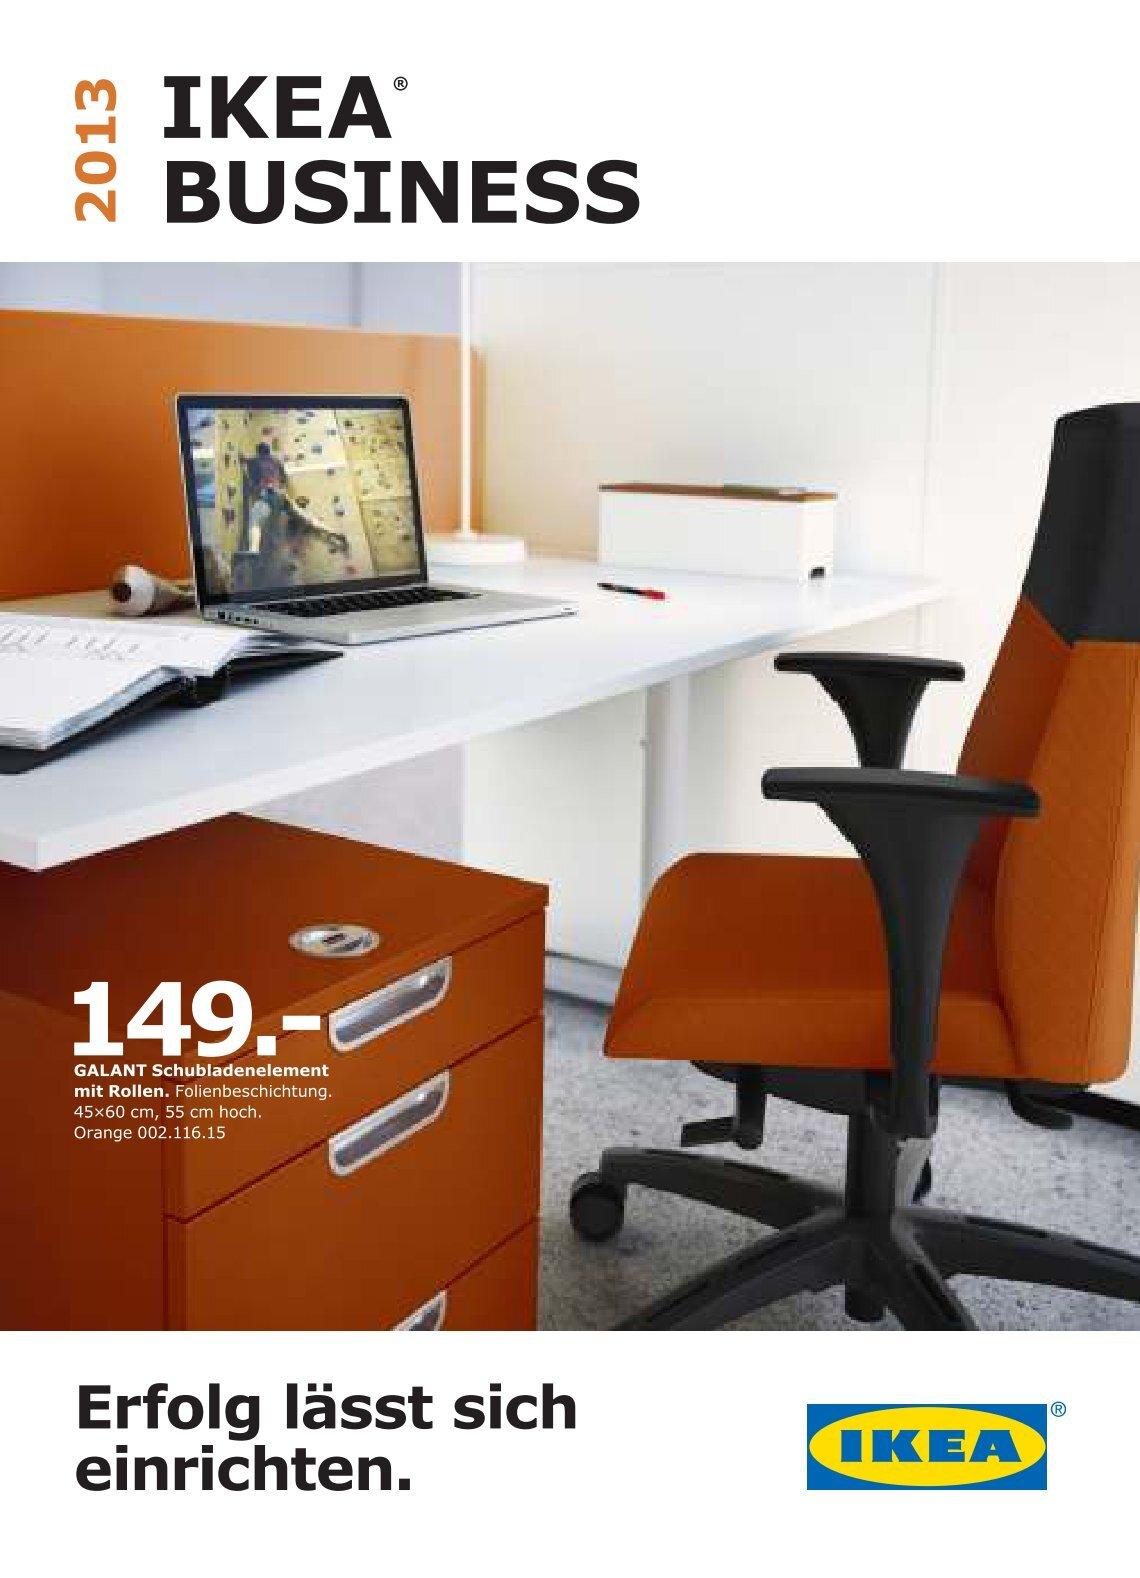 Großartig Ikea Büromöbel Zeitgenössisch - Die Kinderzimmer Design ...